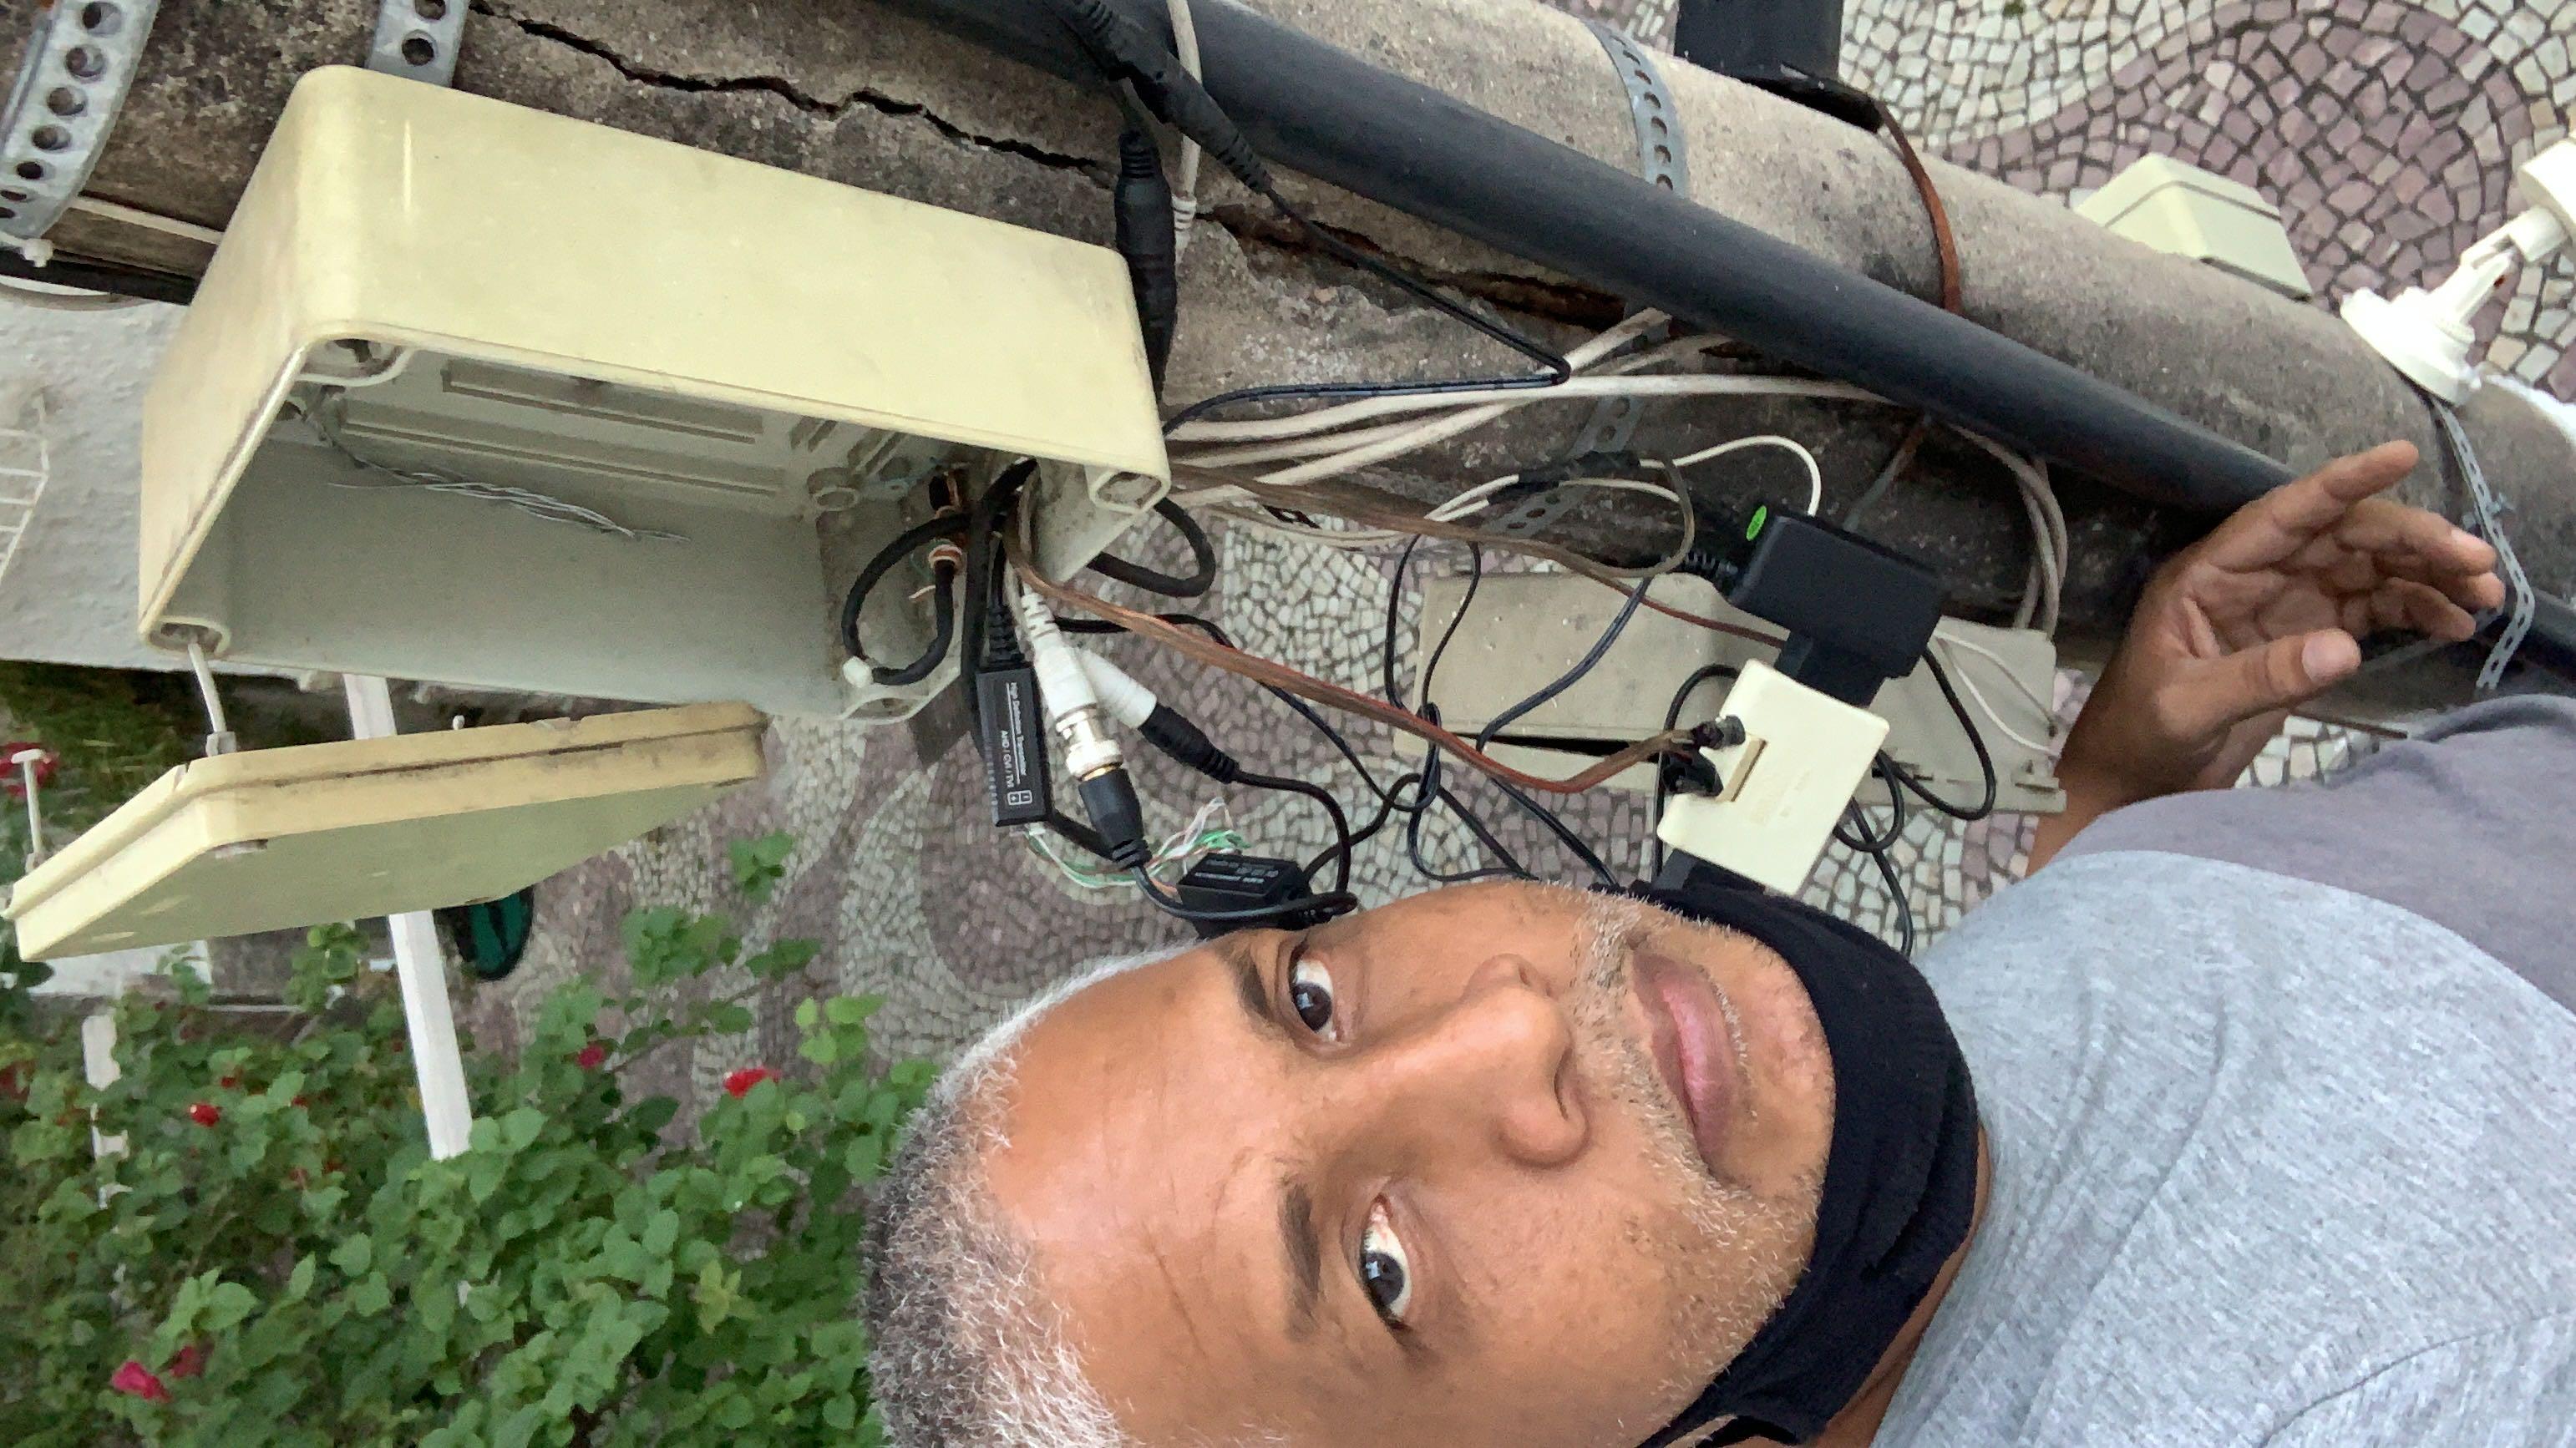 Instalação e manutenção de sistema de câmeras.